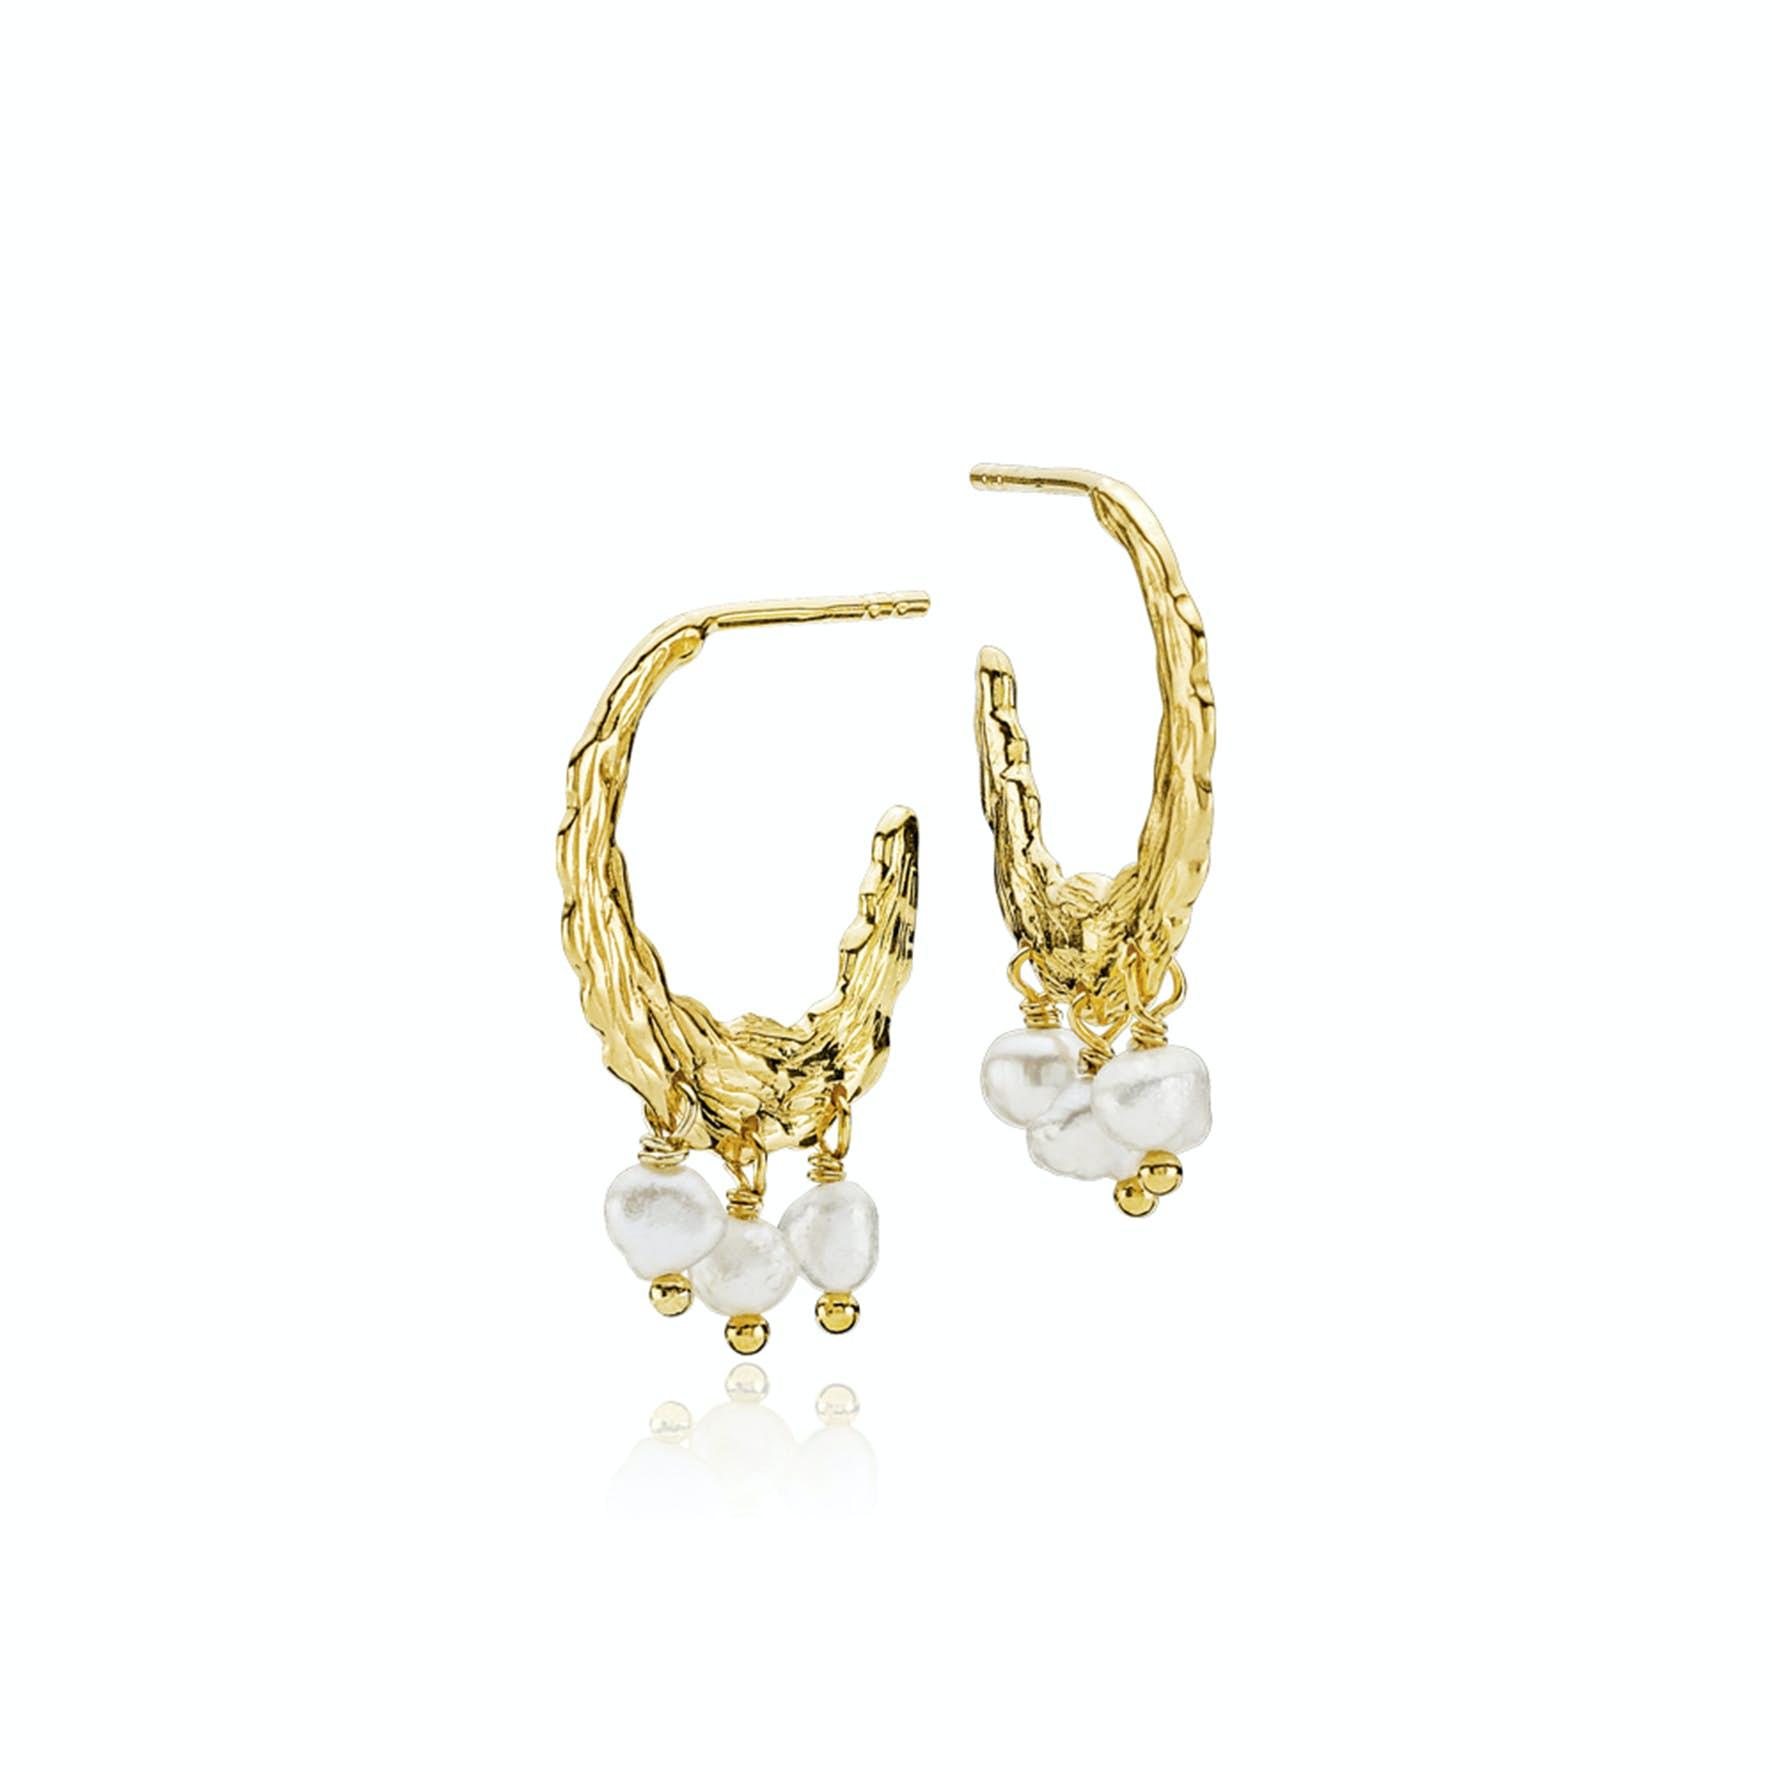 Signe By Sistie Creol Earrings von Sistie in Vergoldet-Silber Sterling 925